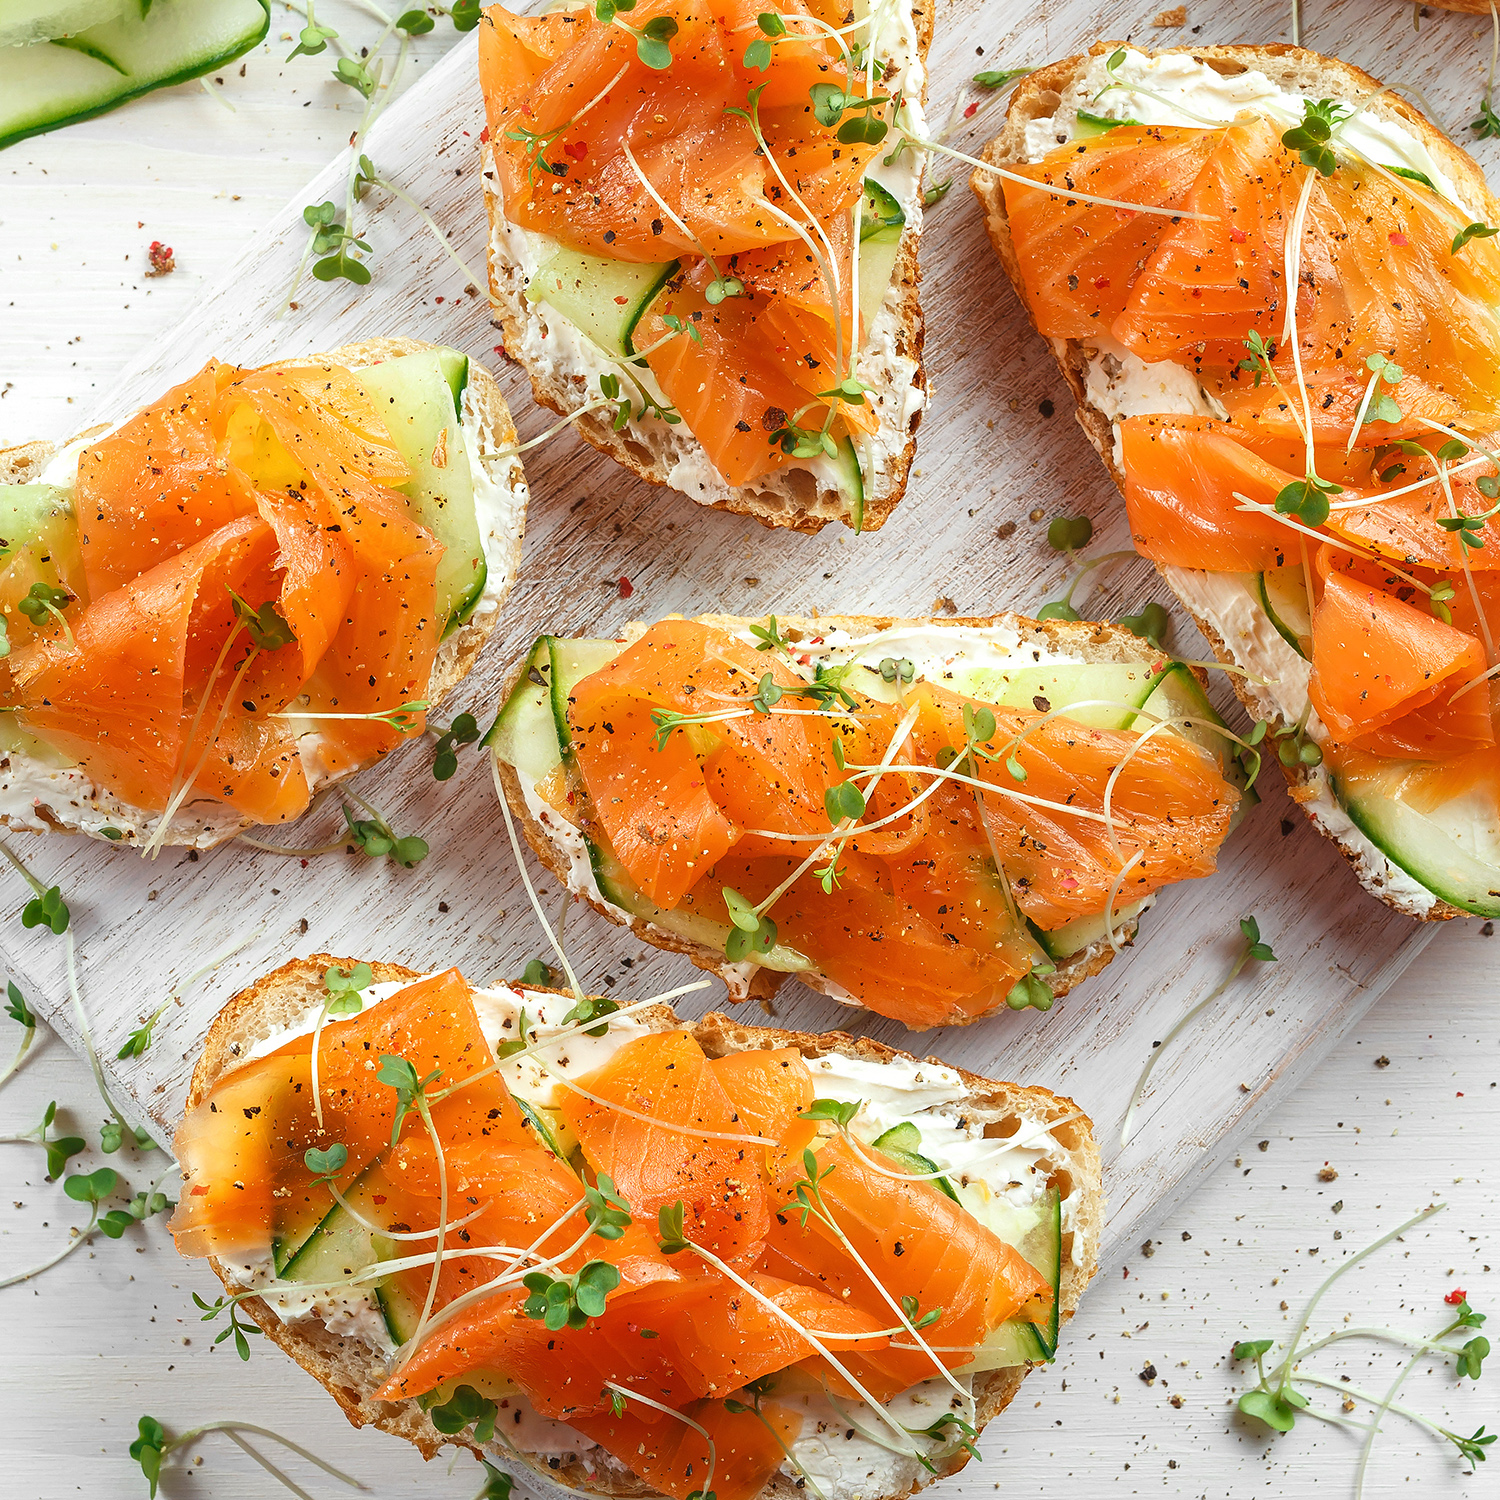 irish-on-bread.jpg